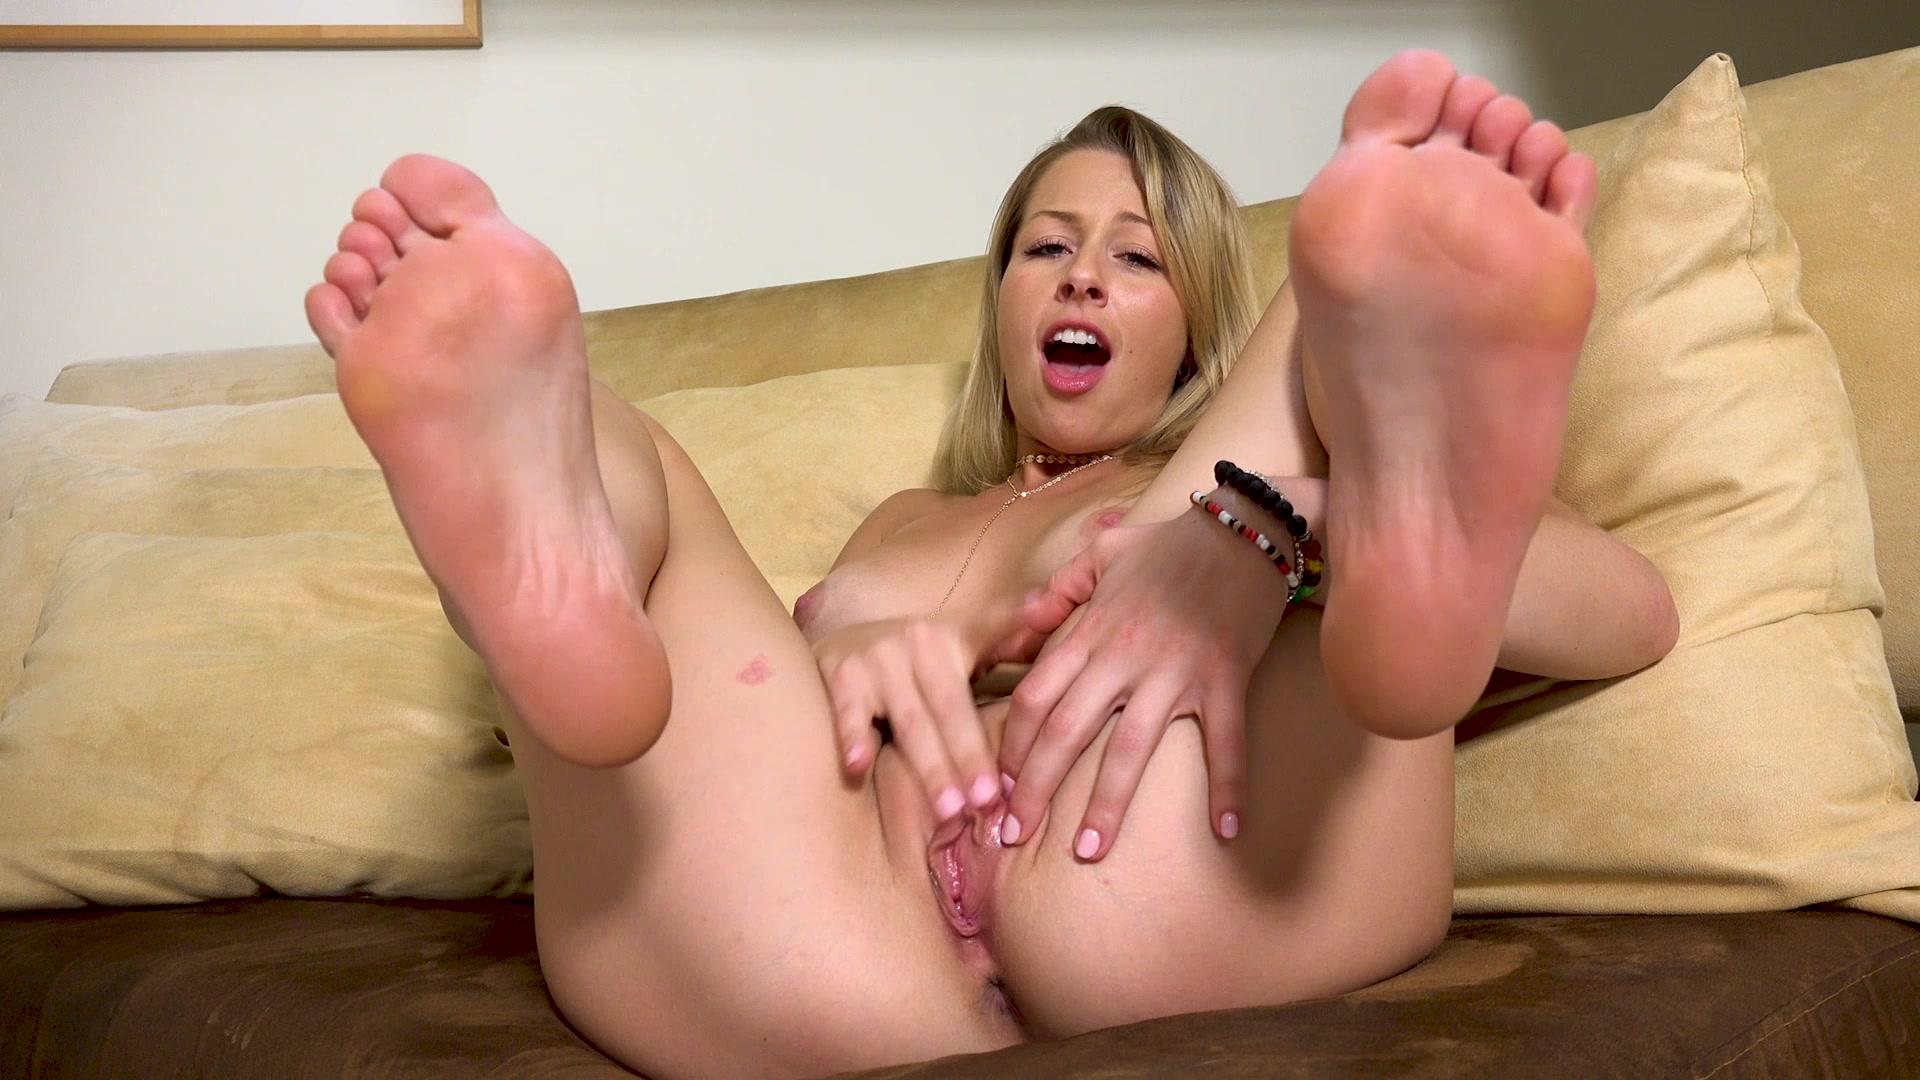 stinky-girls-feet-porn